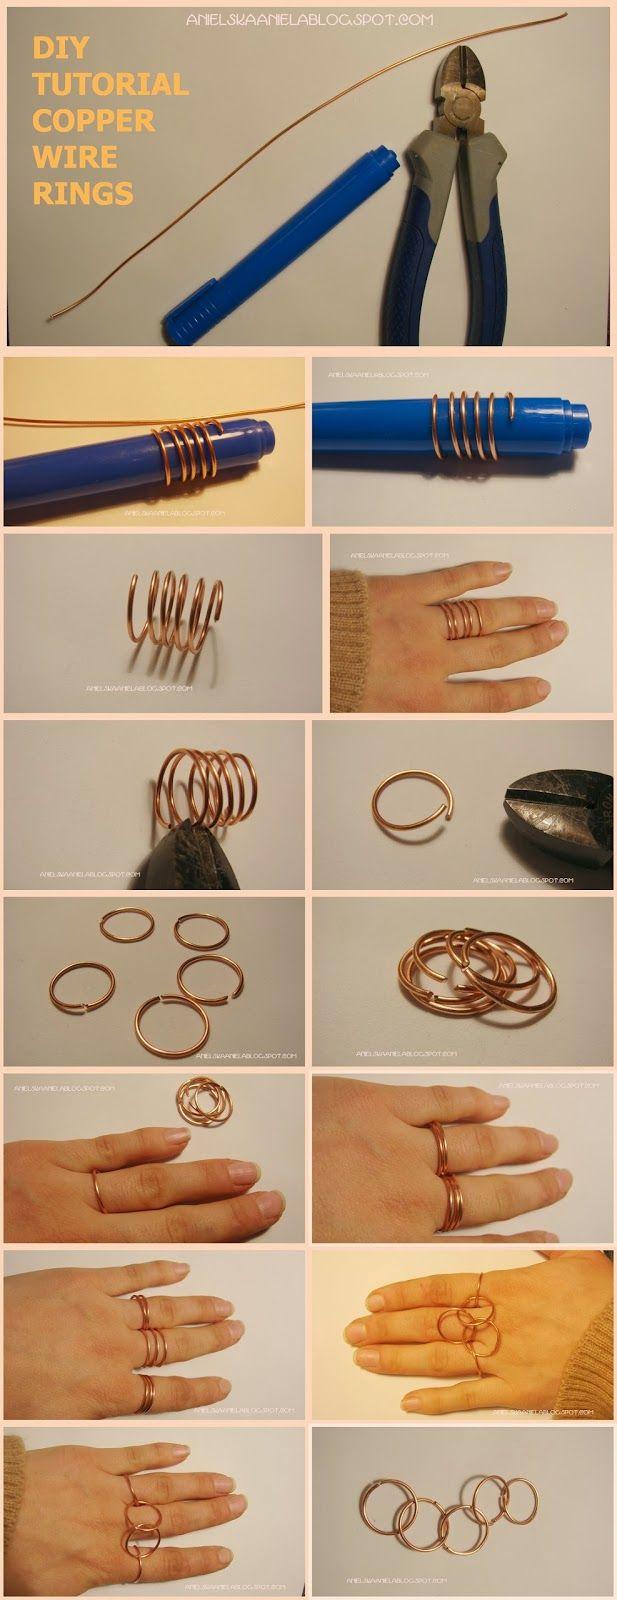 Tutoriale-tutorial pinterest | Anielska Aniela-DIY,Tutorial,Sewing, Szycie, beauty,przeróbki,uroda,zdrowie -Blog o przeróbkach